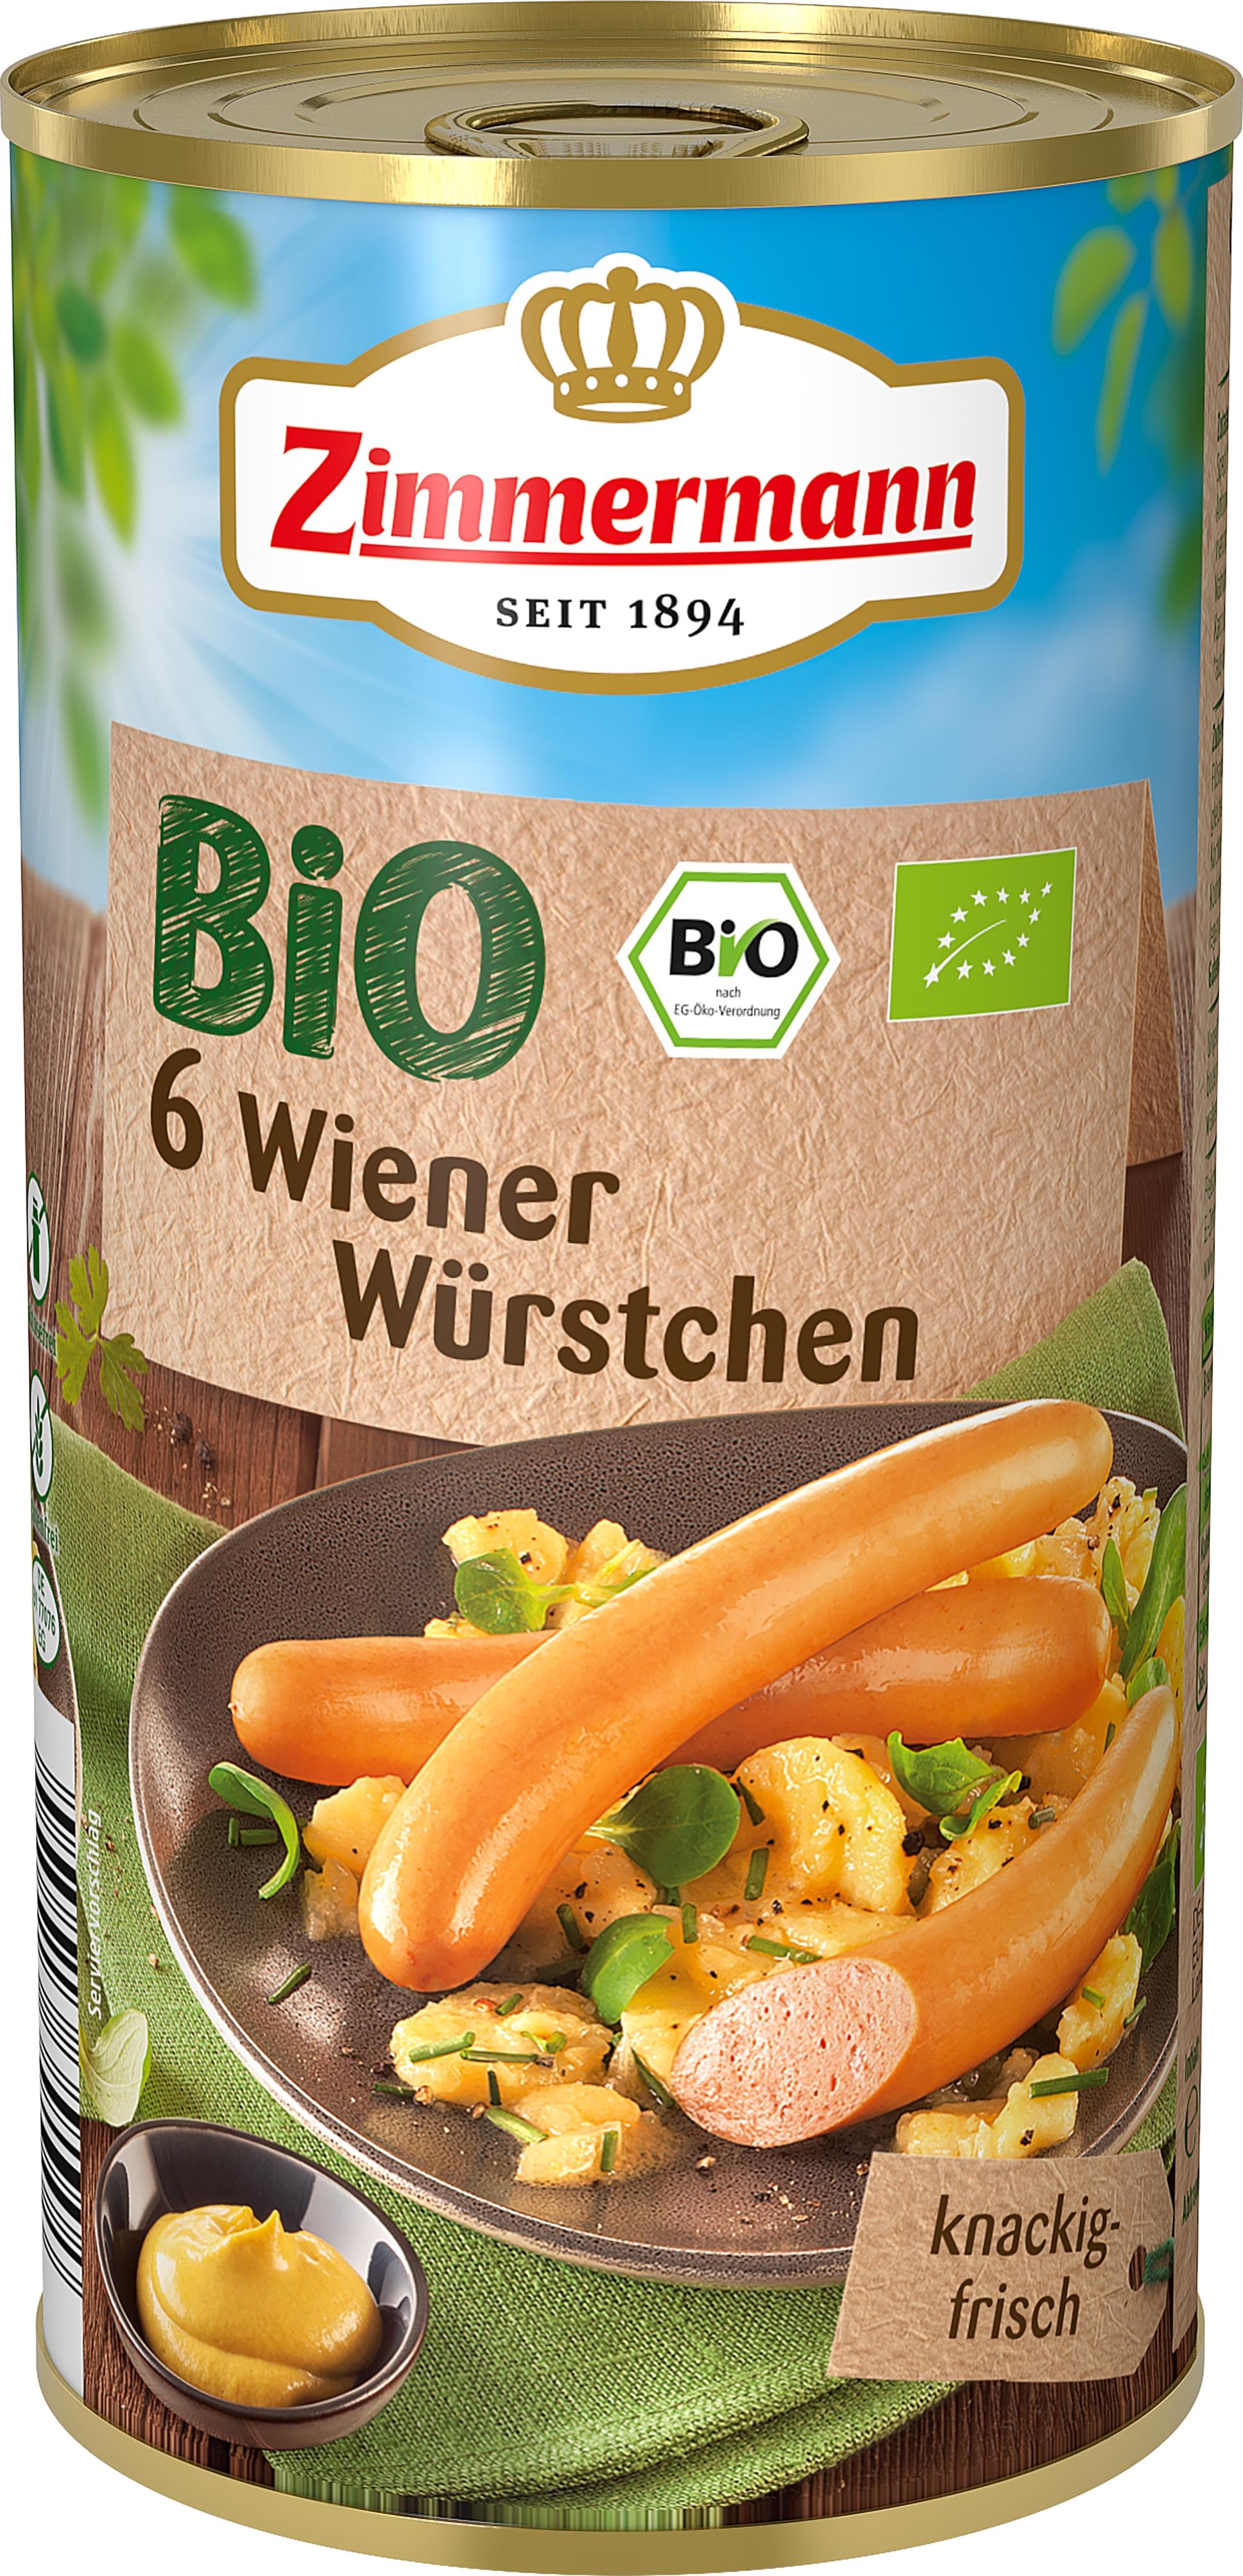 Crenvursti Wiener 565 g Zimmermann Bio, fara gluten [0]